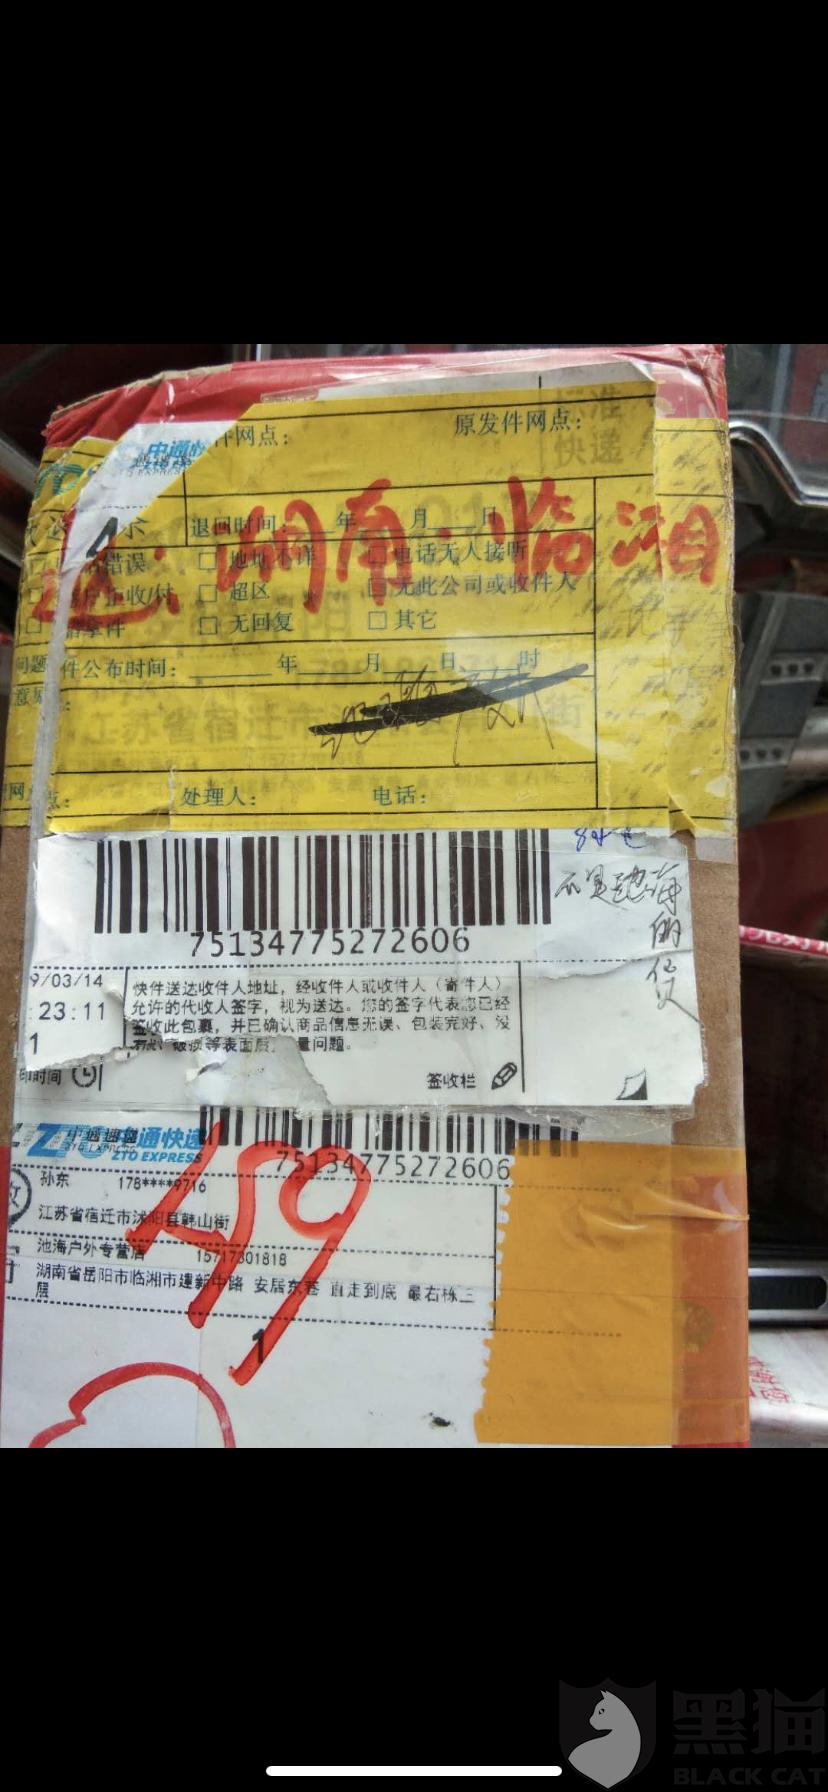 黑猫投诉:消费者收到货了把里面的产品掉包了,然后退回来的不是我们店铺的产品,平台直接退款